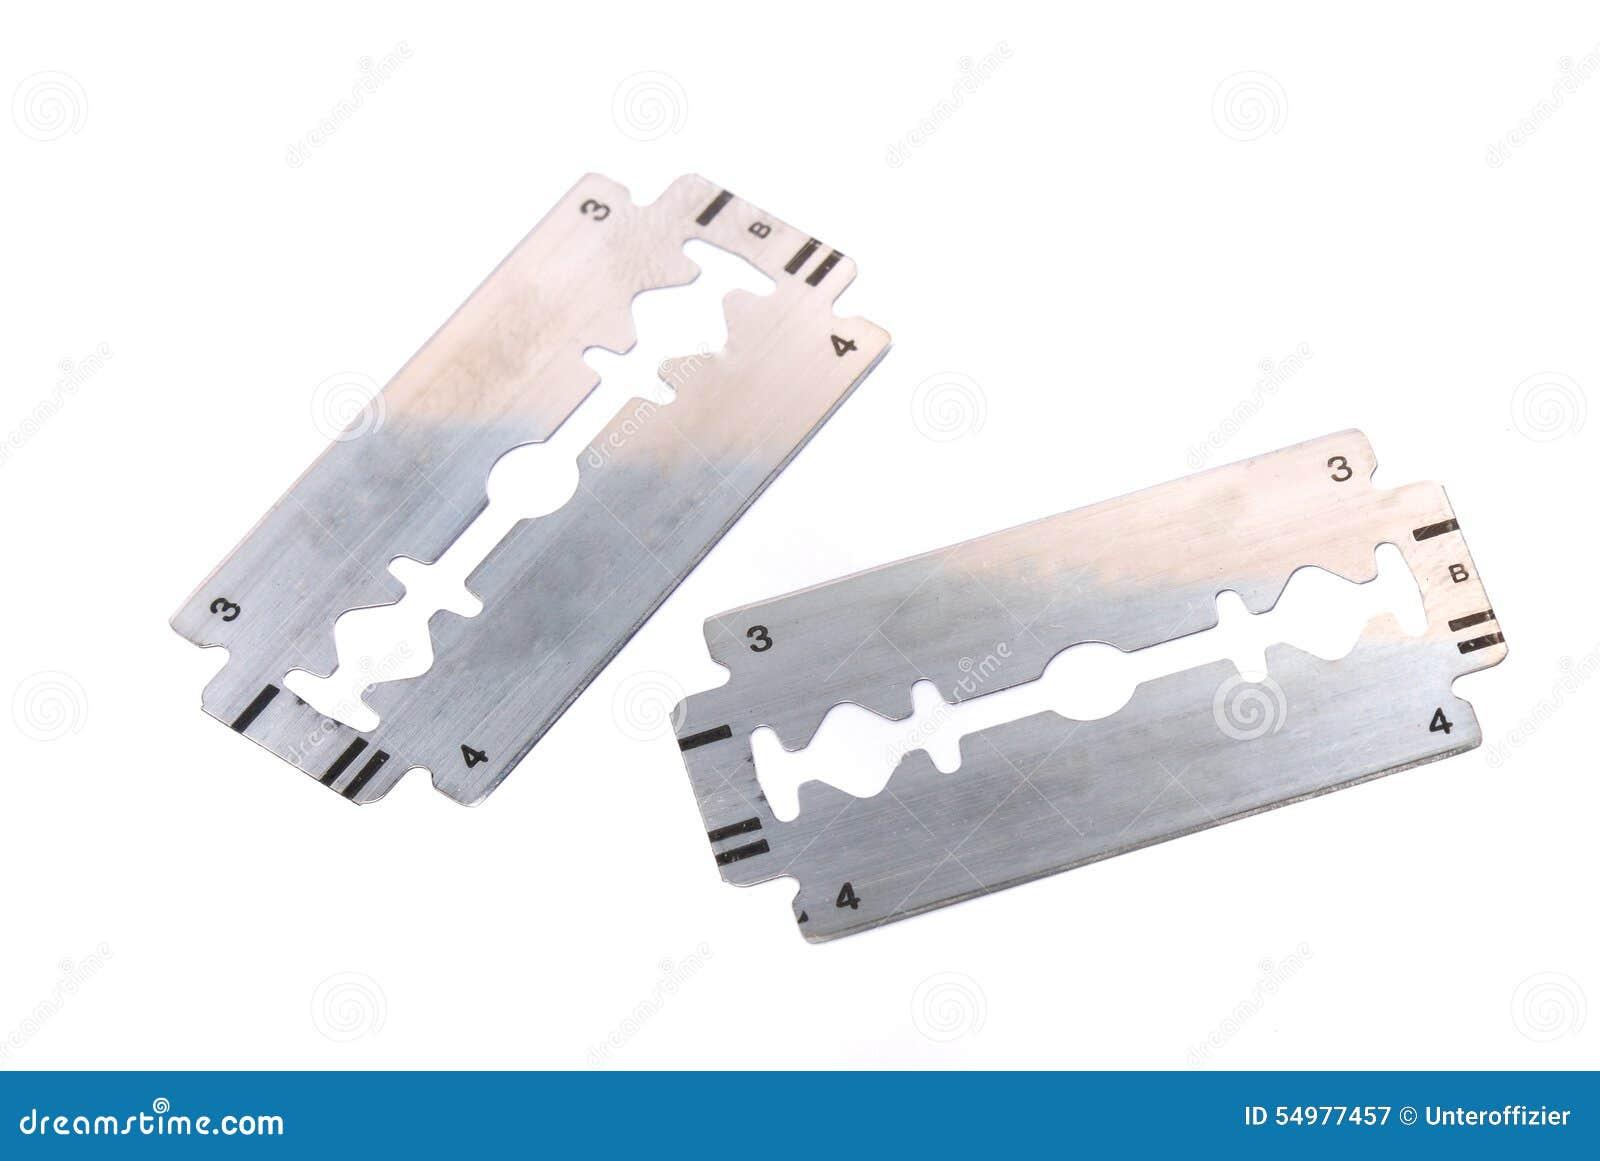 Lâminas de lâmina